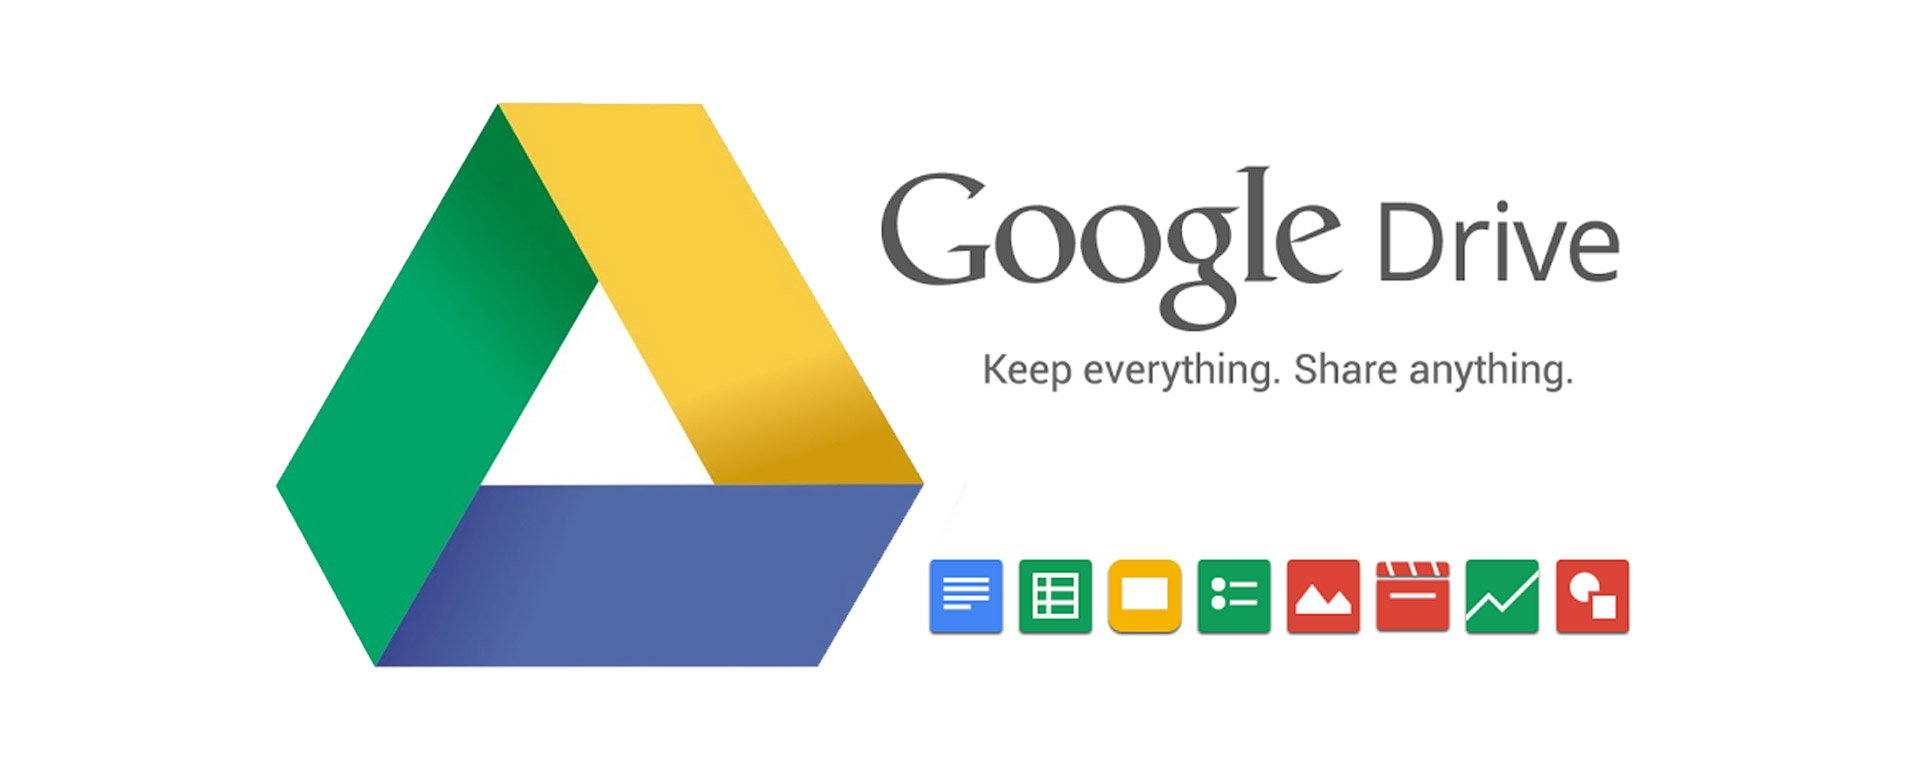 Imagen representativa de Google Drive